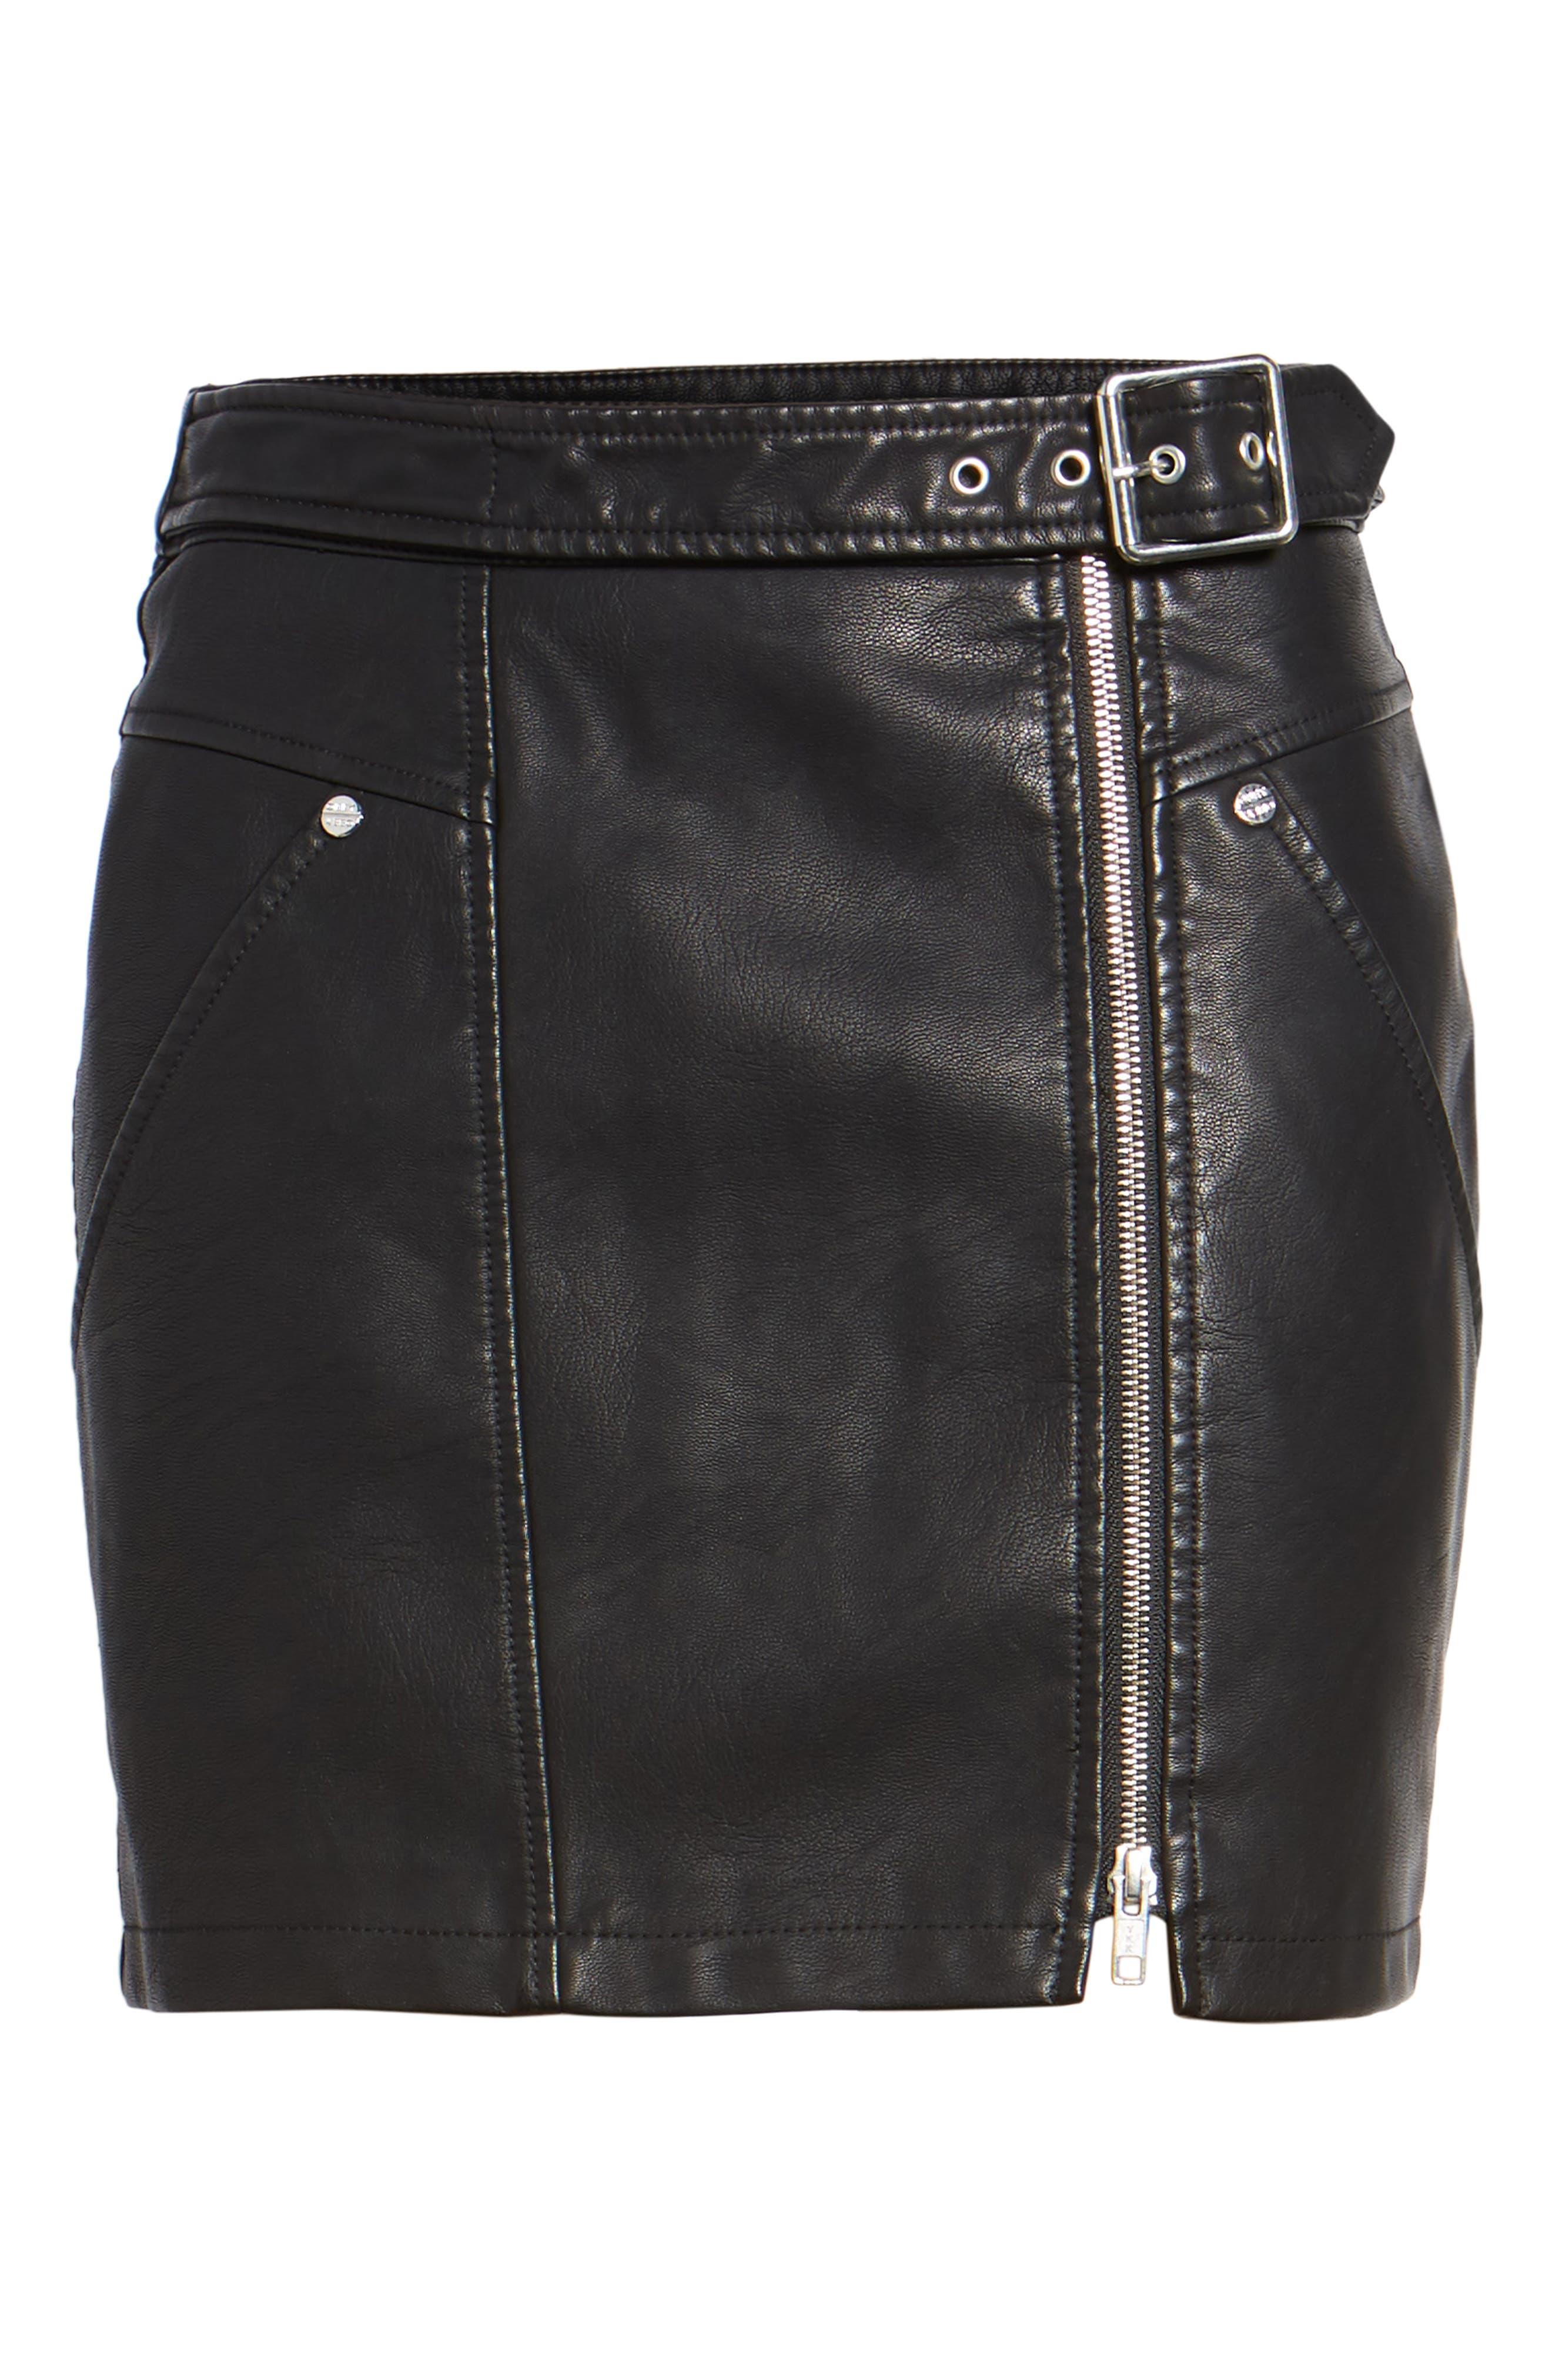 Banshee Skirt,                             Alternate thumbnail 6, color,                             001